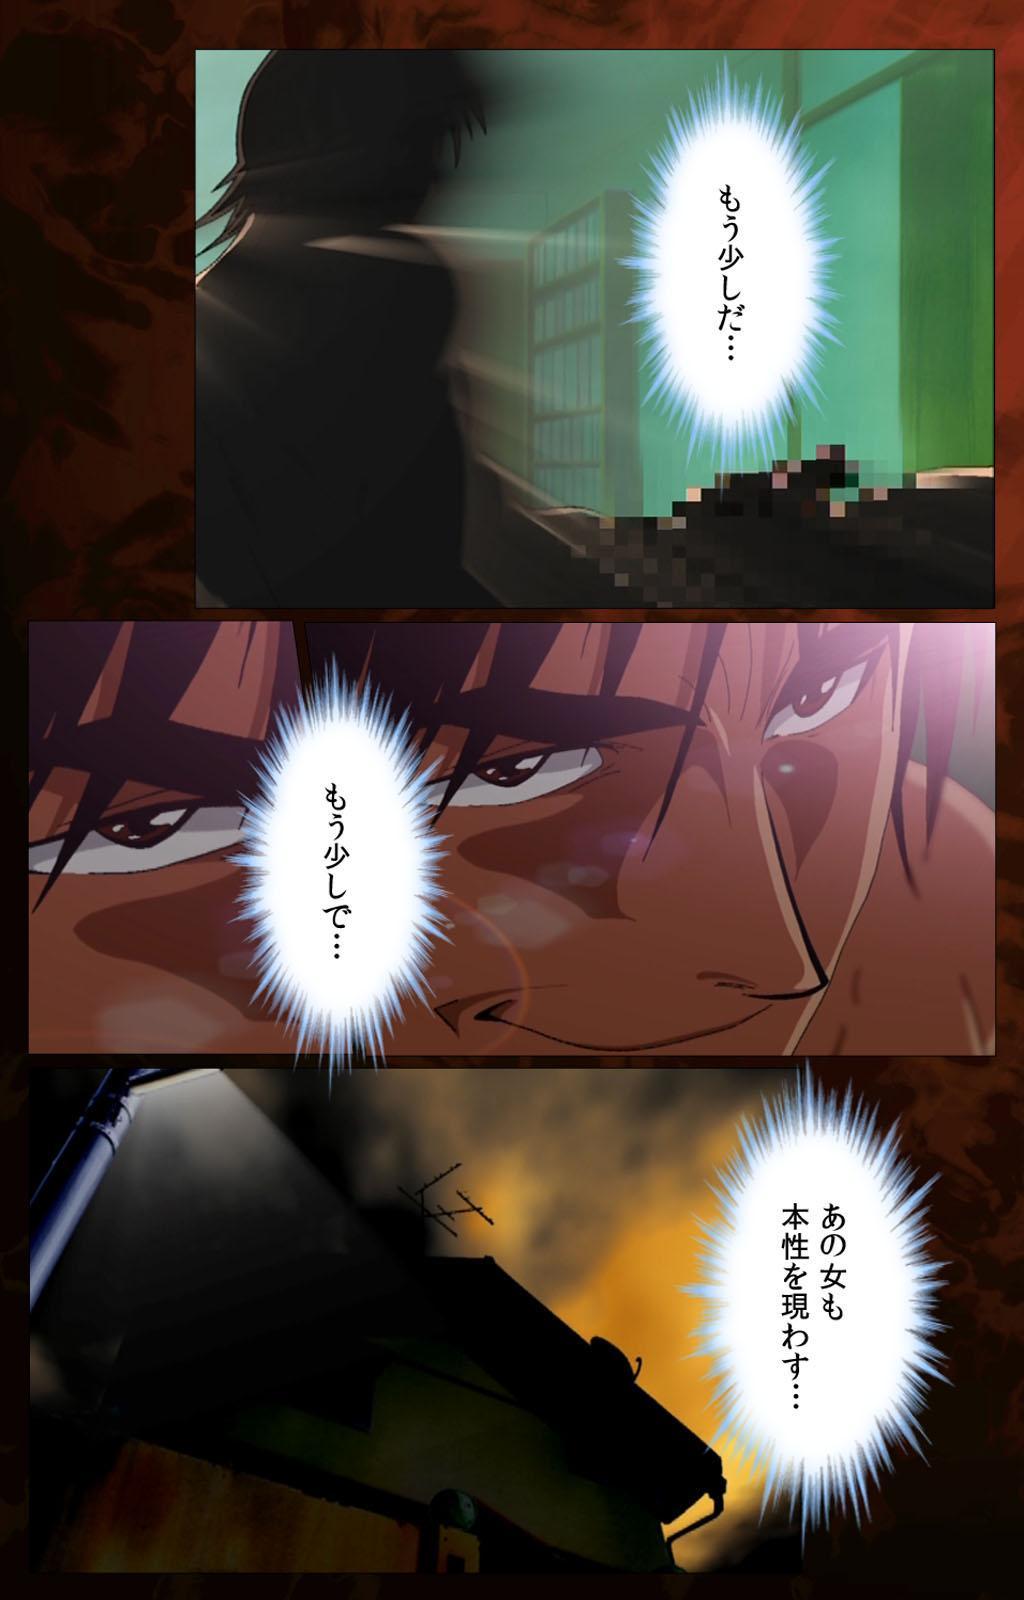 Gibo kanzenhan 85